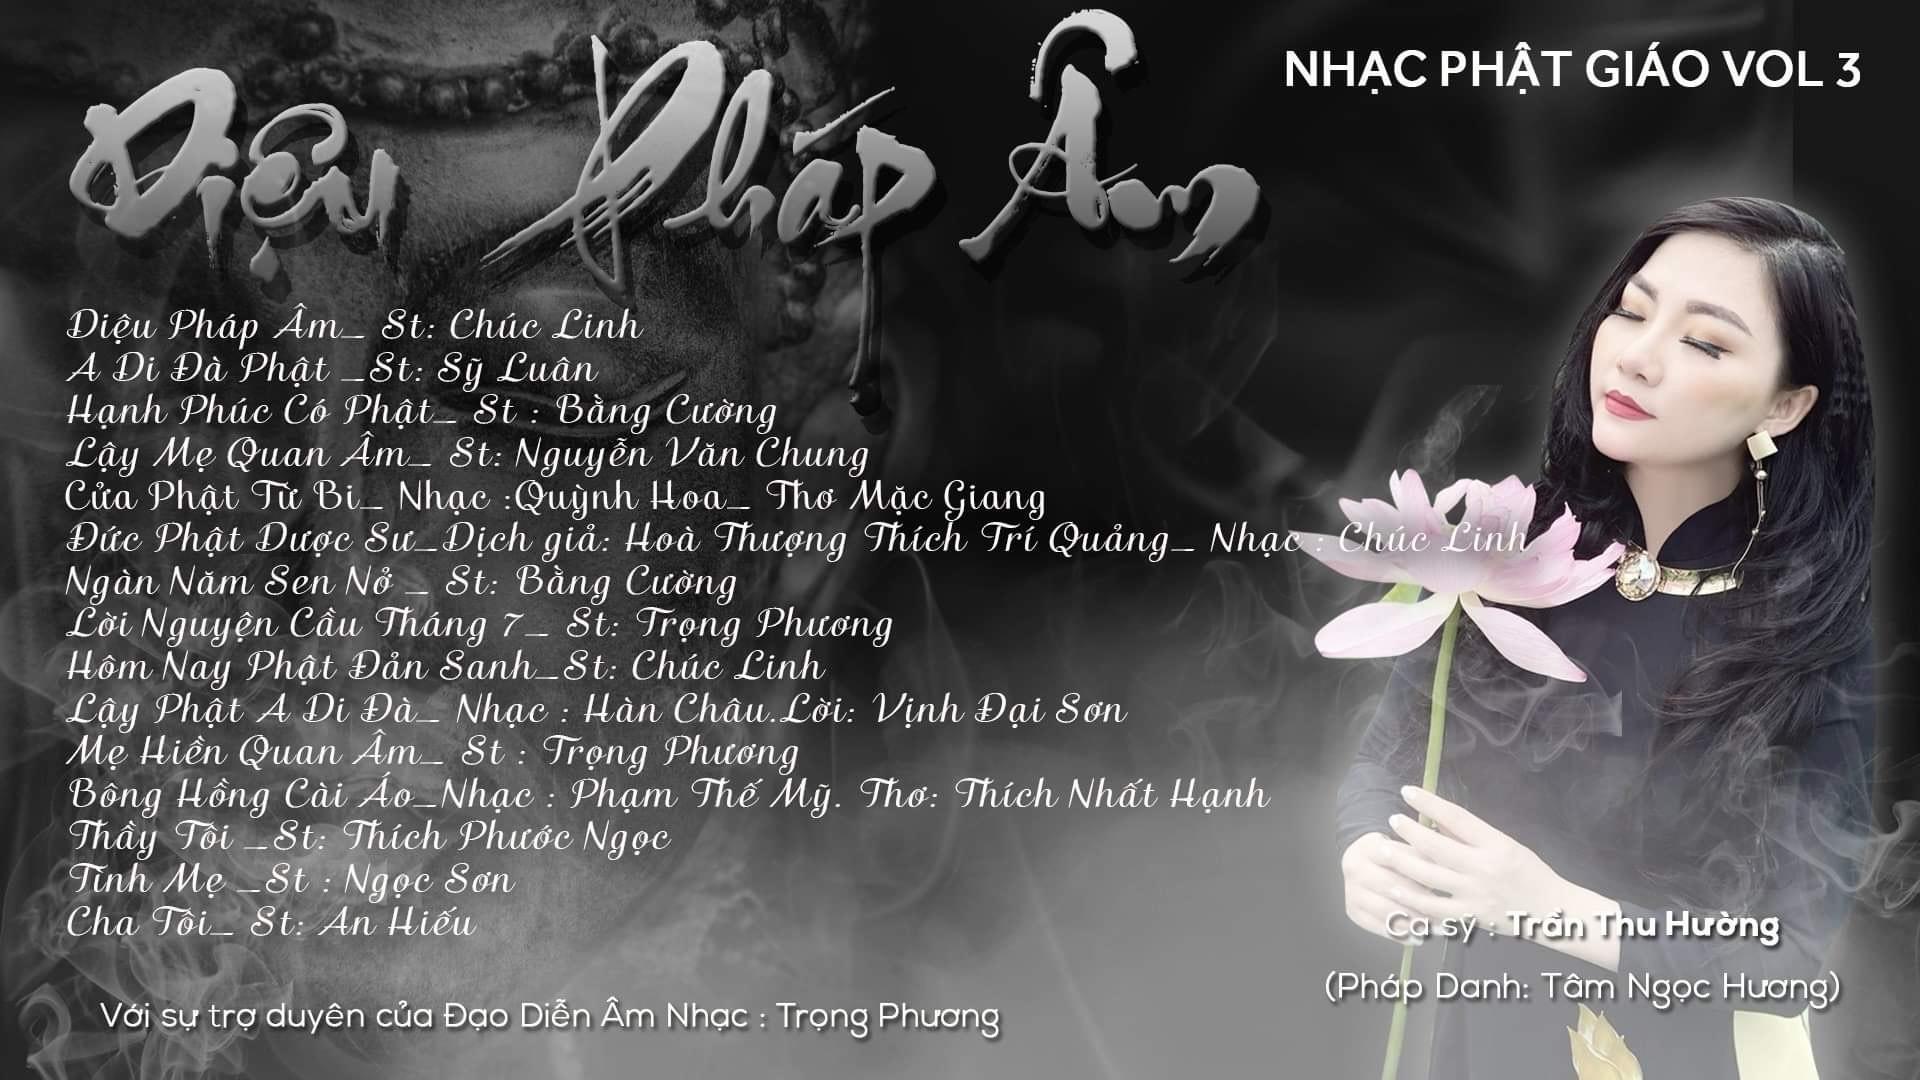 Sao Mai Thu Hường ra mắt album nhạc Phật